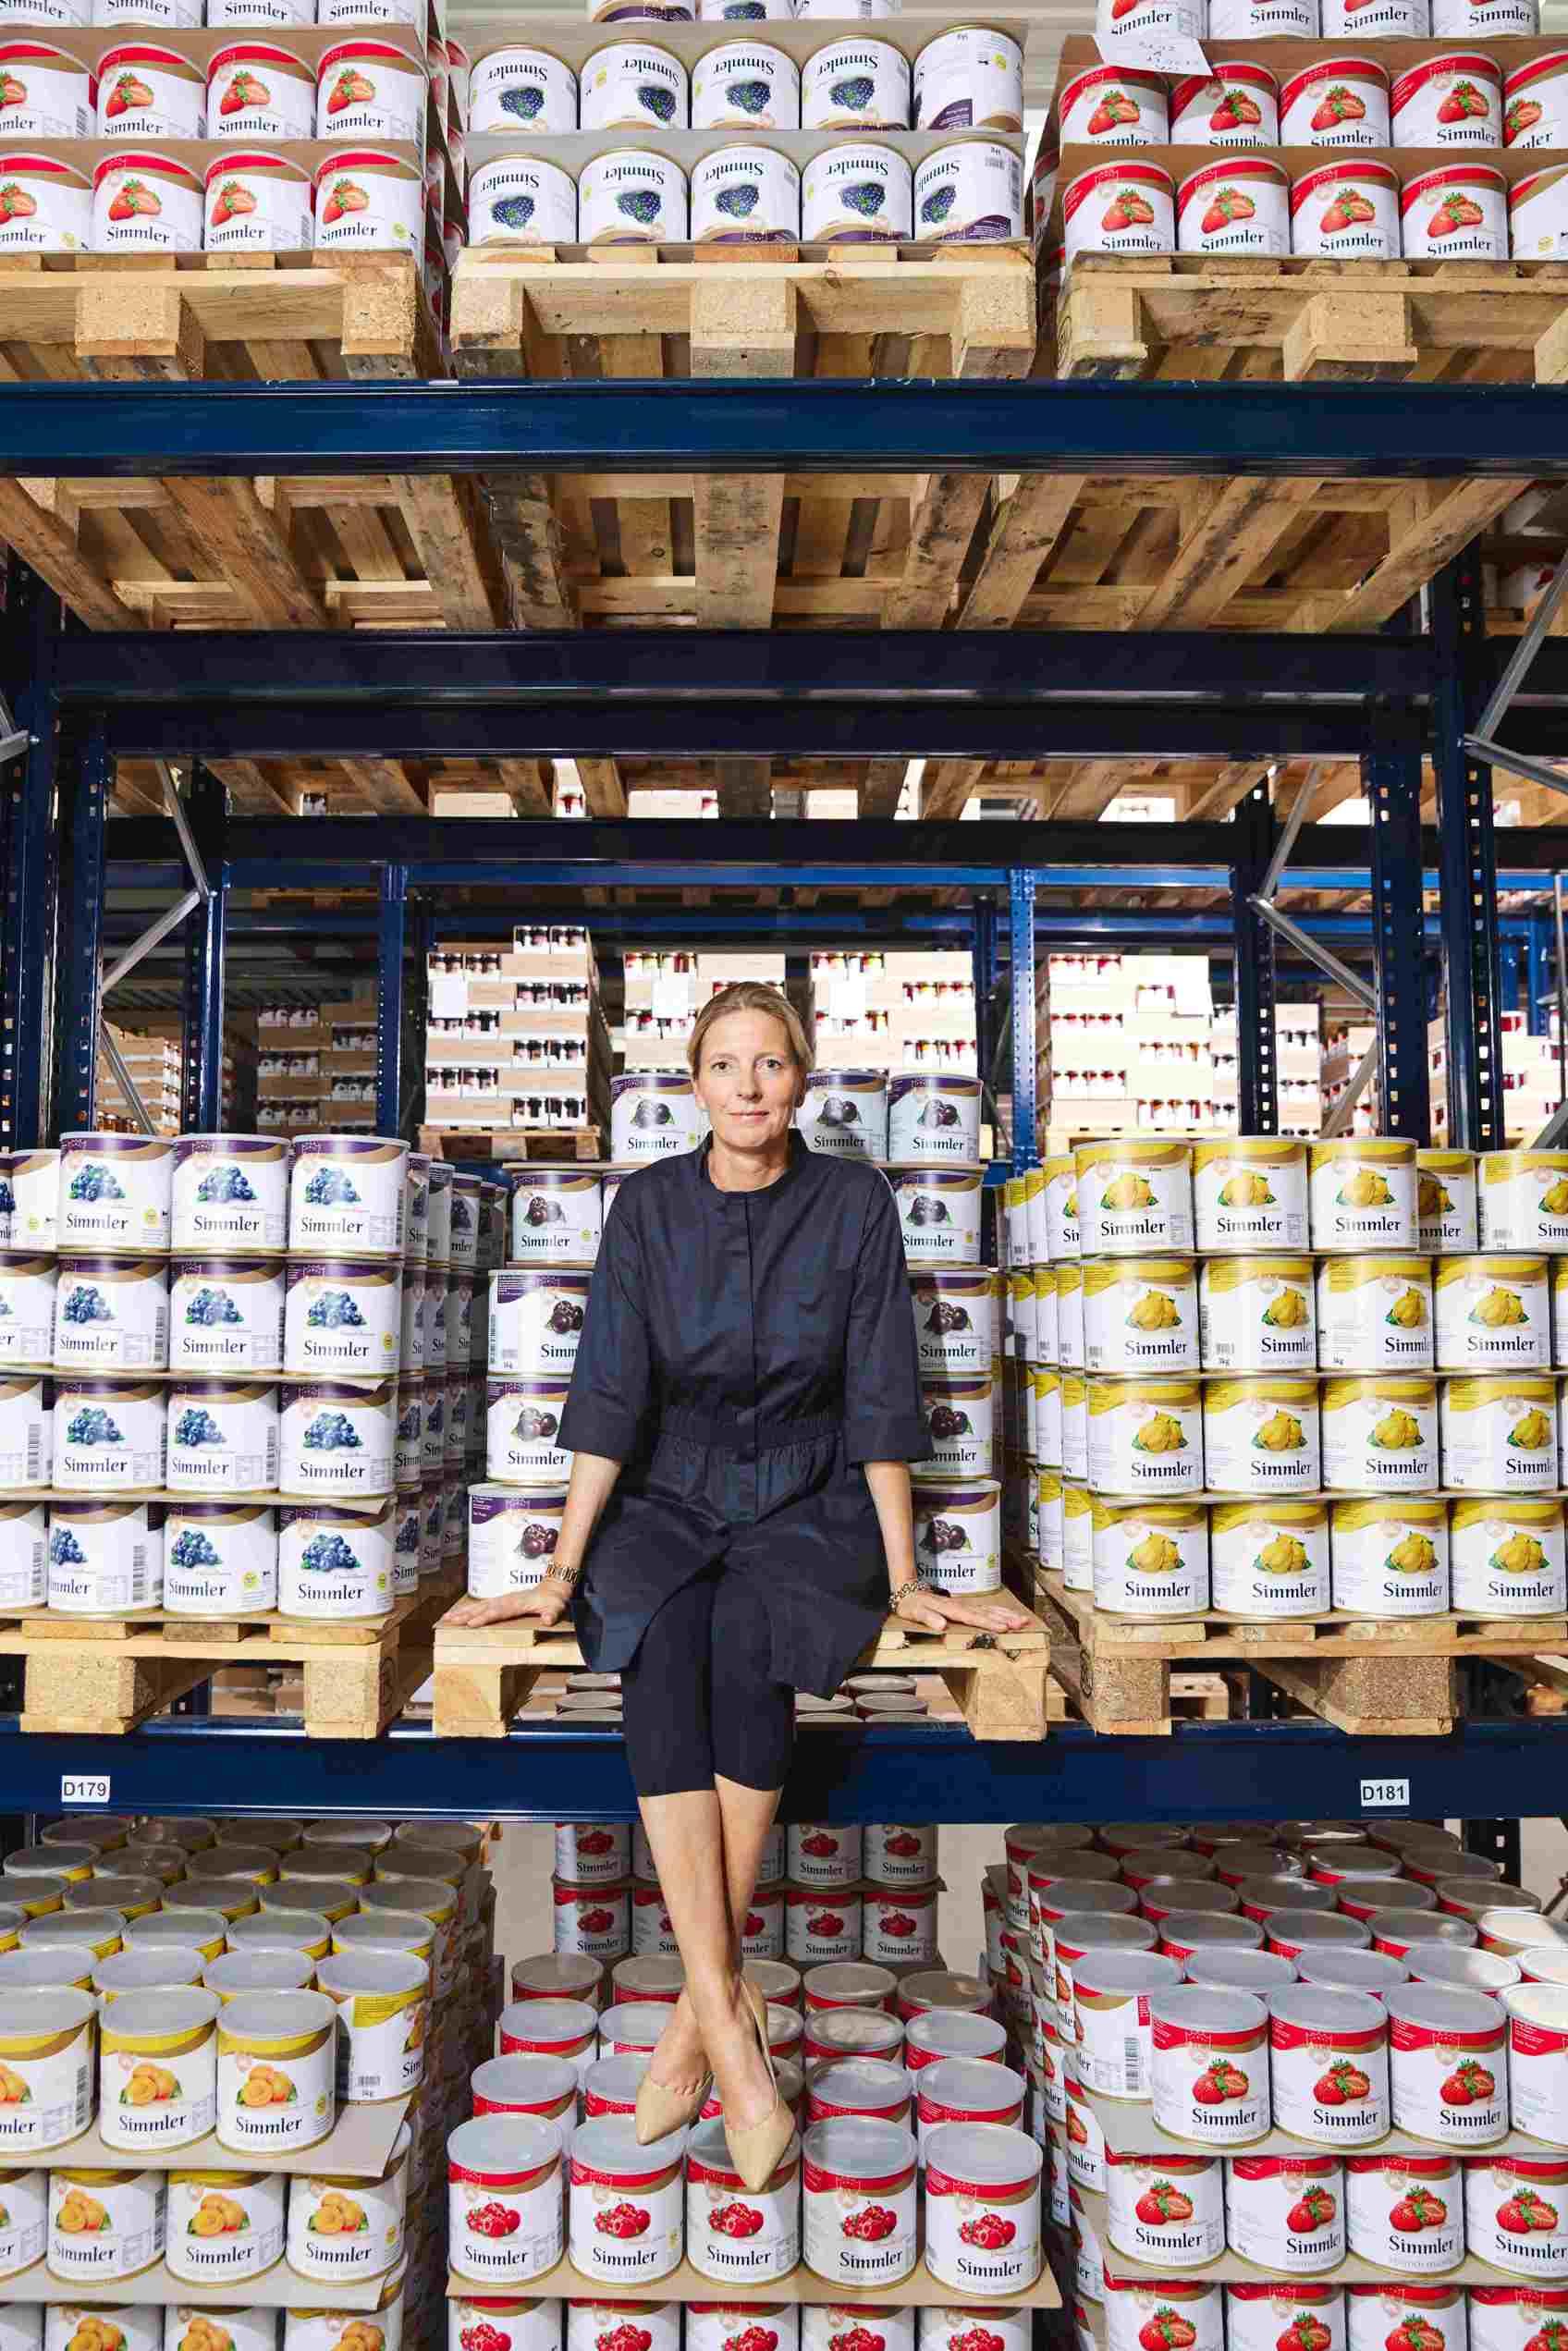 Frau Dr. Simmler im Marmeladenlager